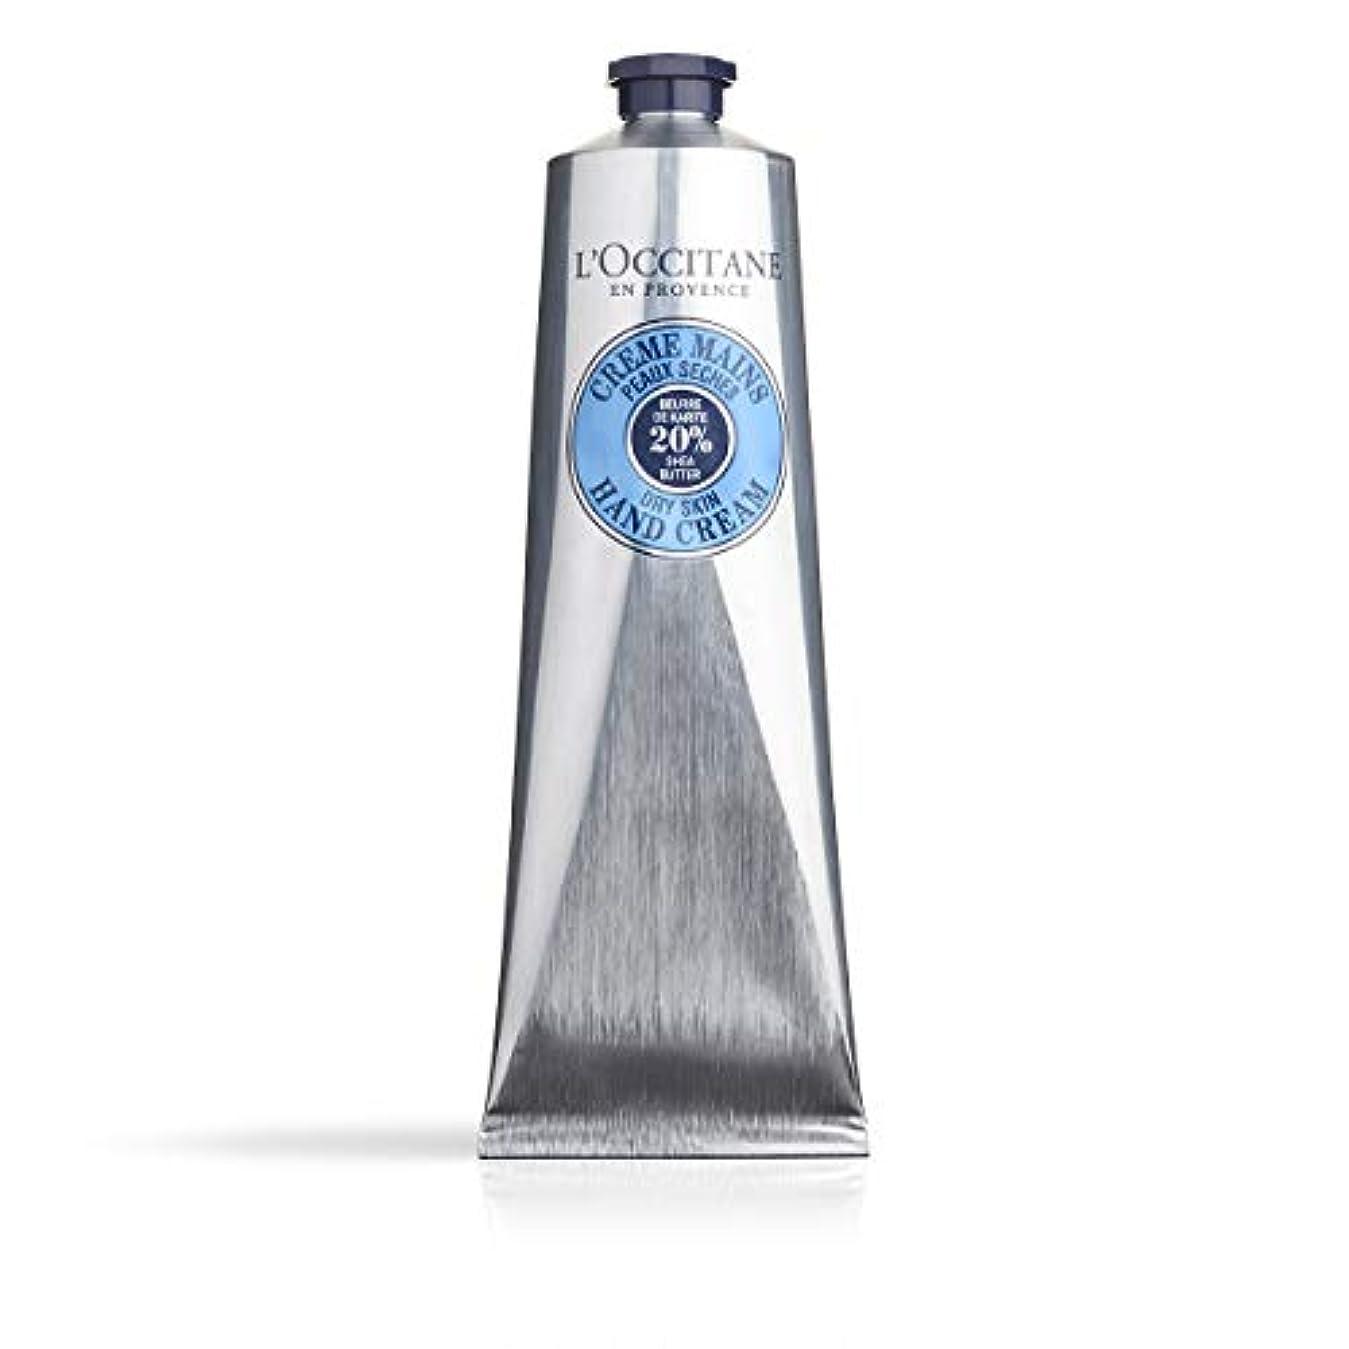 太鼓腹許容手数料ロクシタン(L'OCCITANE) シア ハンドクリーム 150ml